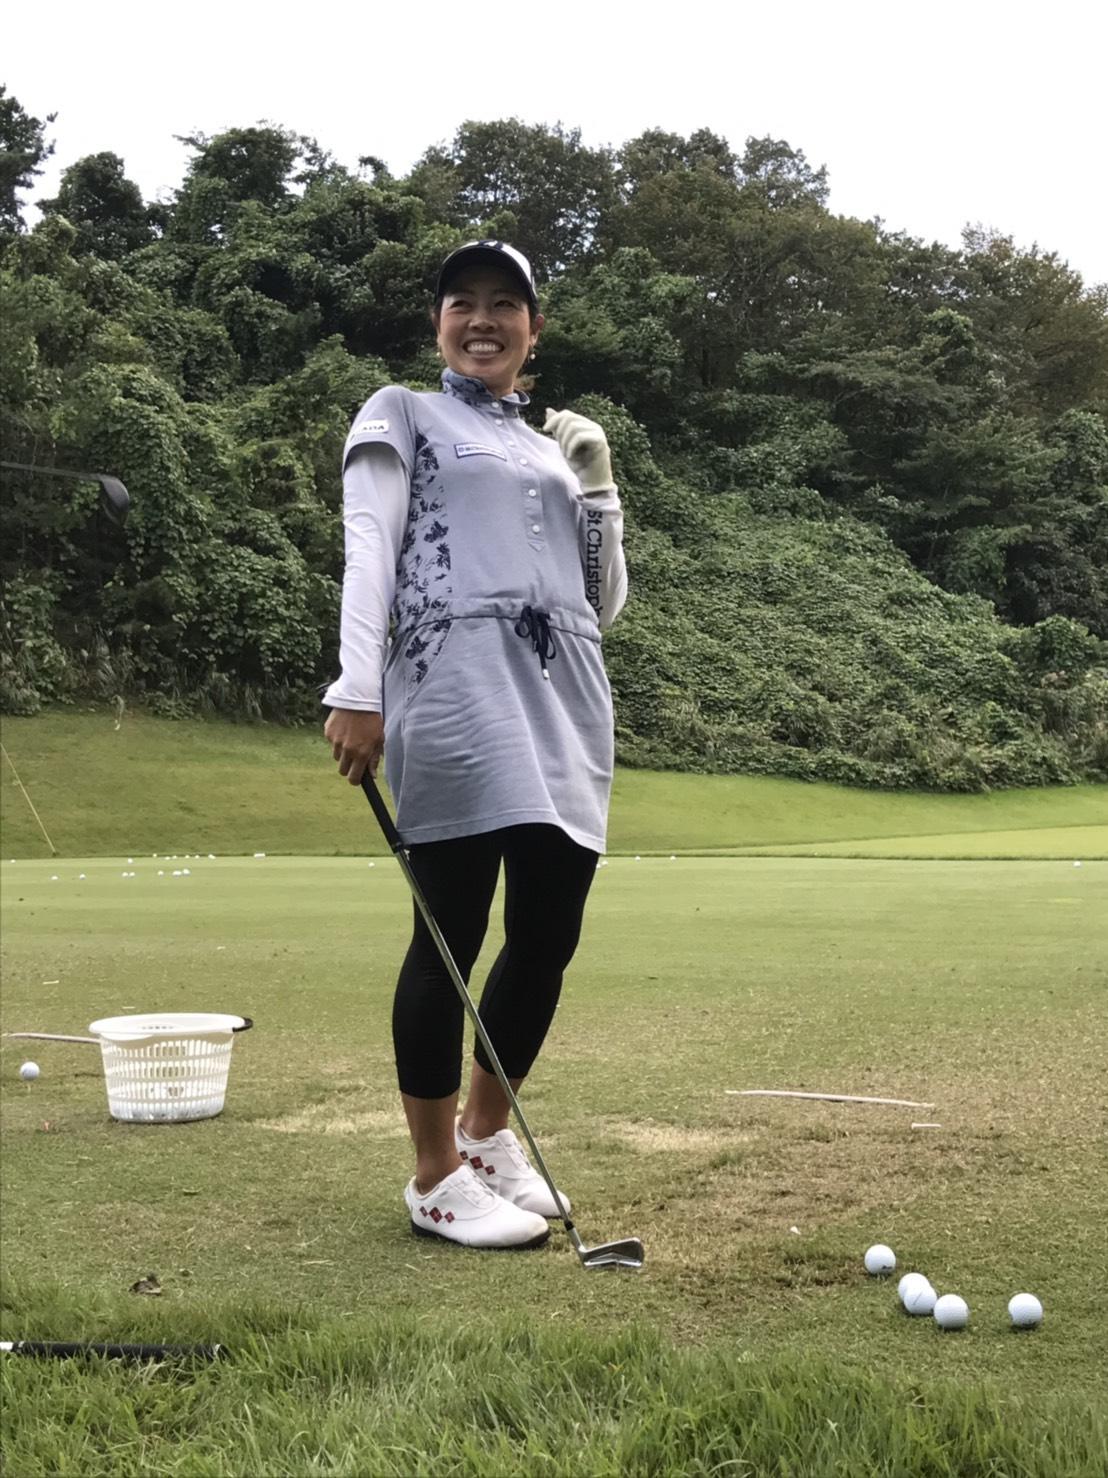 https://www.bs-golf.com/pro/IMG_8940.JPG